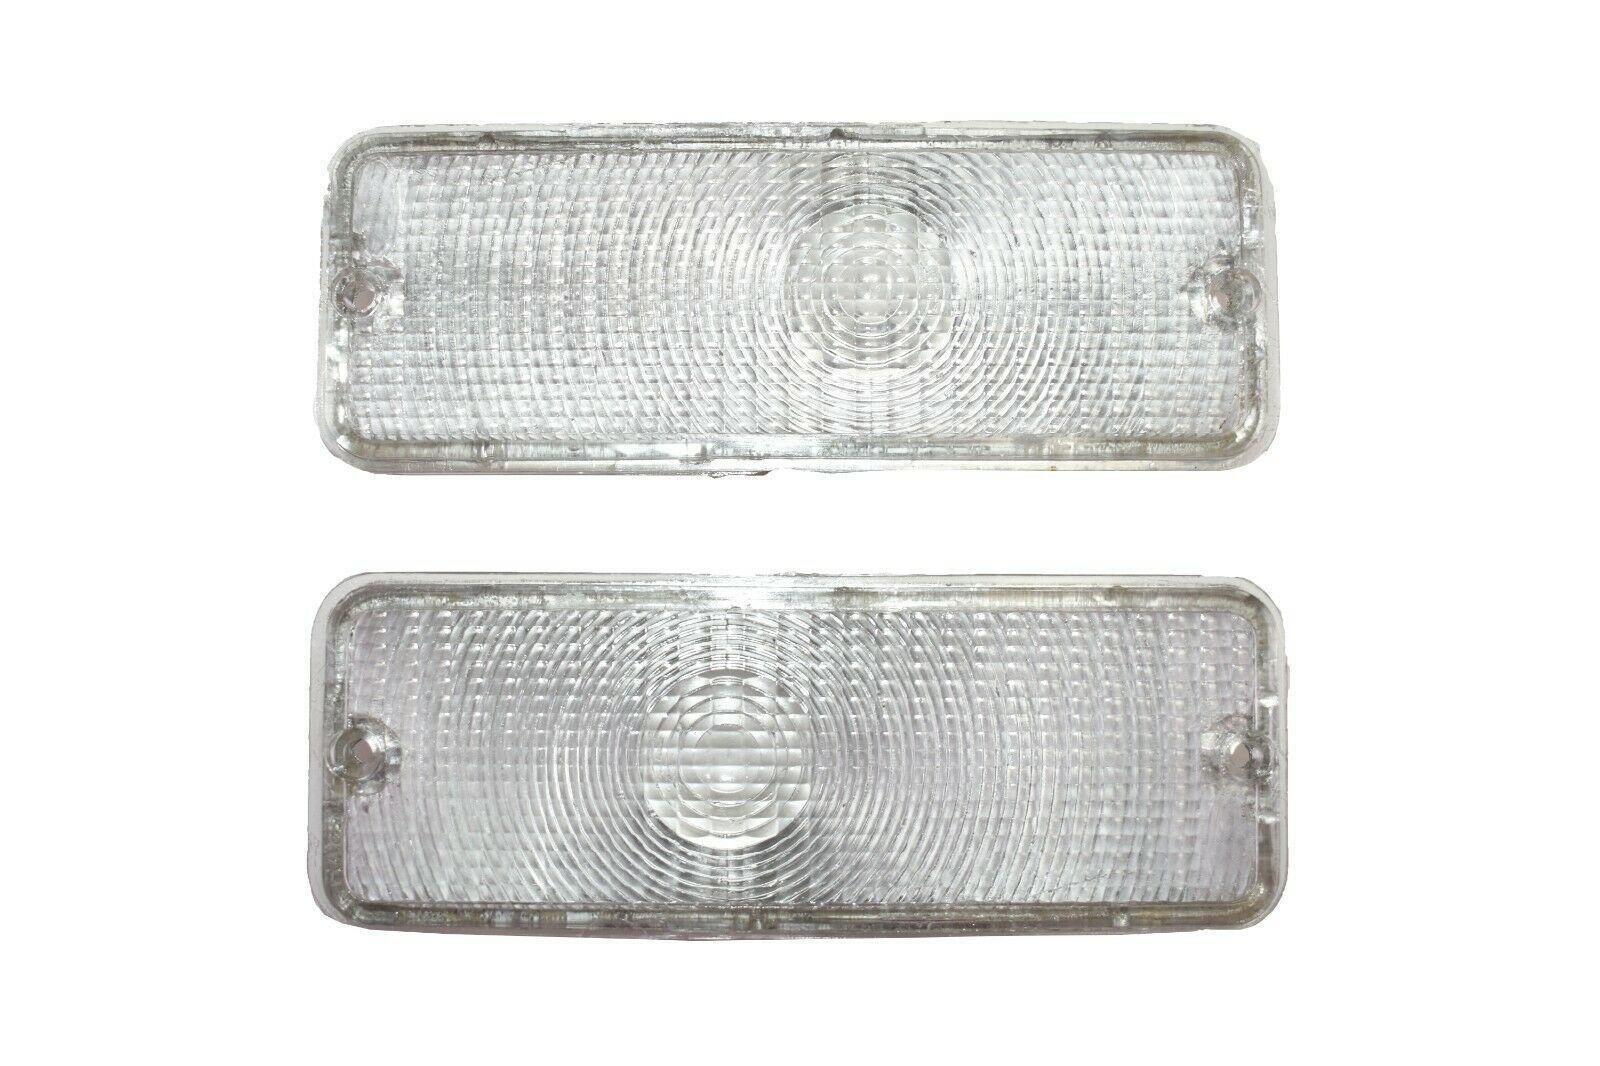 73 74 75 76 77 FORD F-150 F150 F250 F350 Truck Front Turn Signal Lights CLEAR